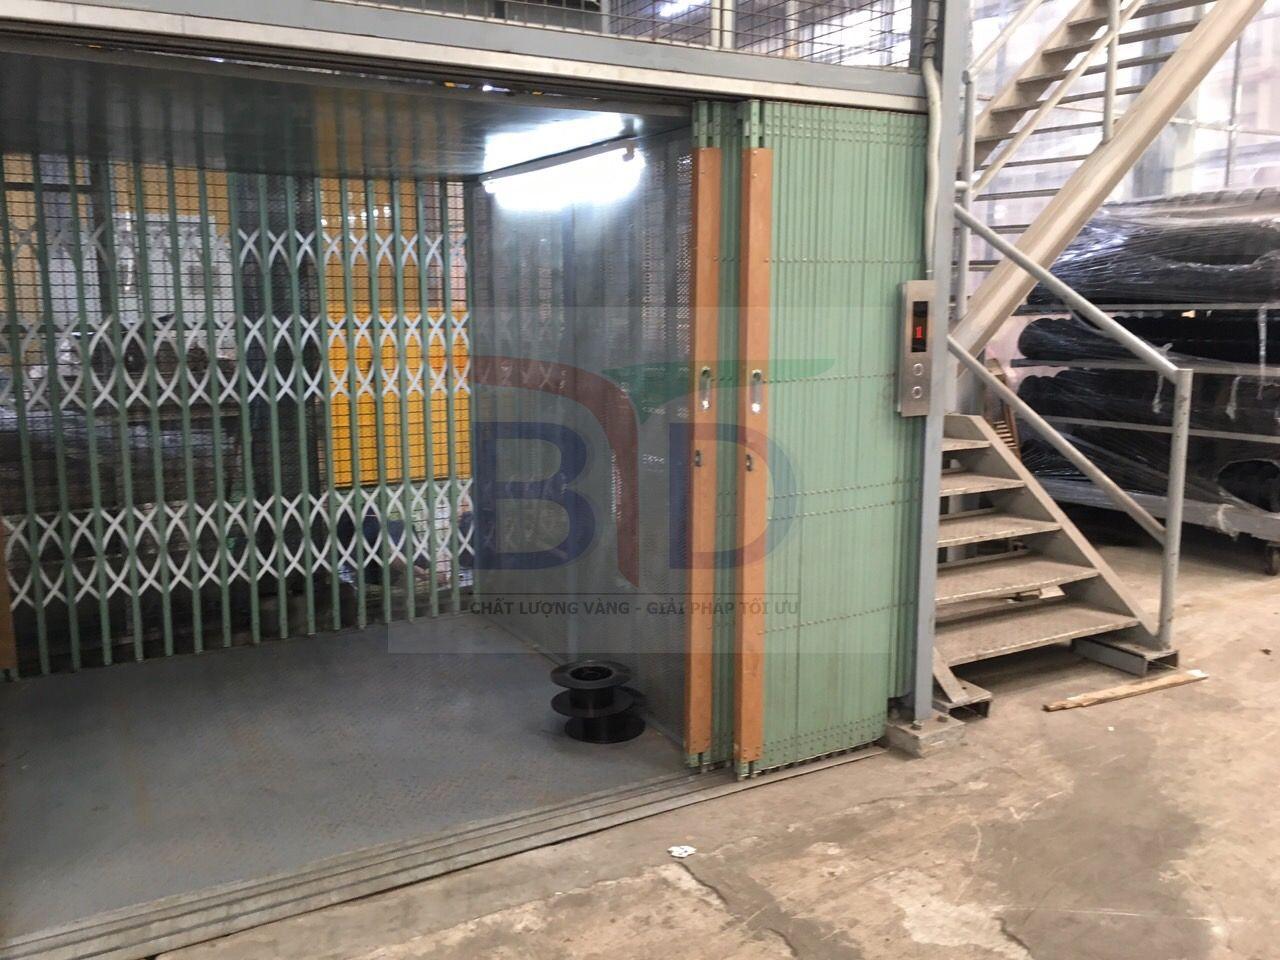 Lắp Cabin thang máy tải hàng 1000kg, 02 stops